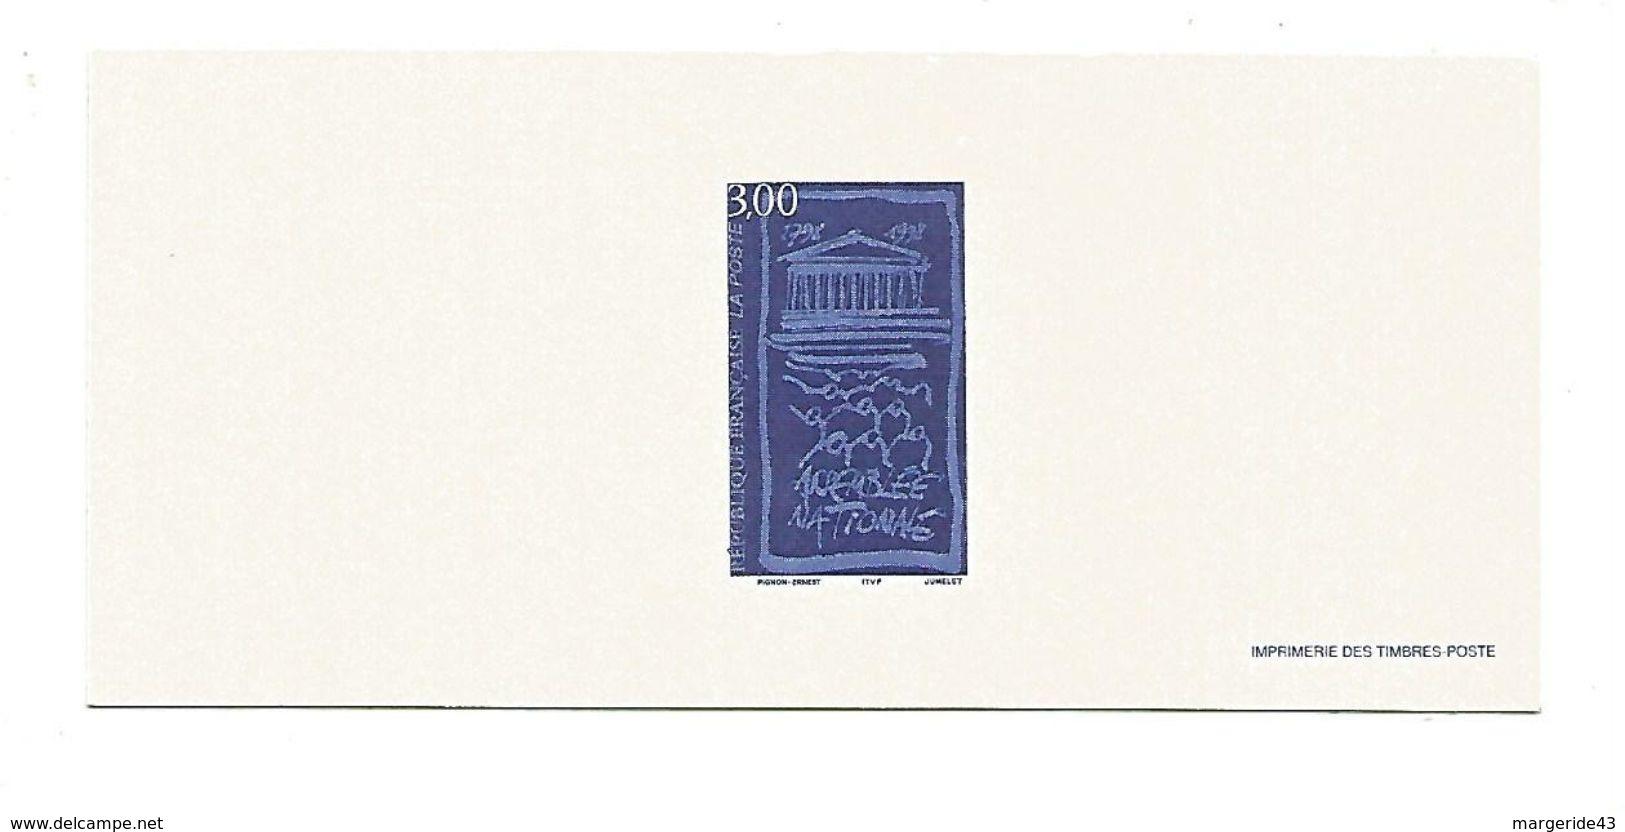 GRAVURE DU N°3132 BICENTENAIRE ASSEMBLEE NATIONALE - Documents De La Poste